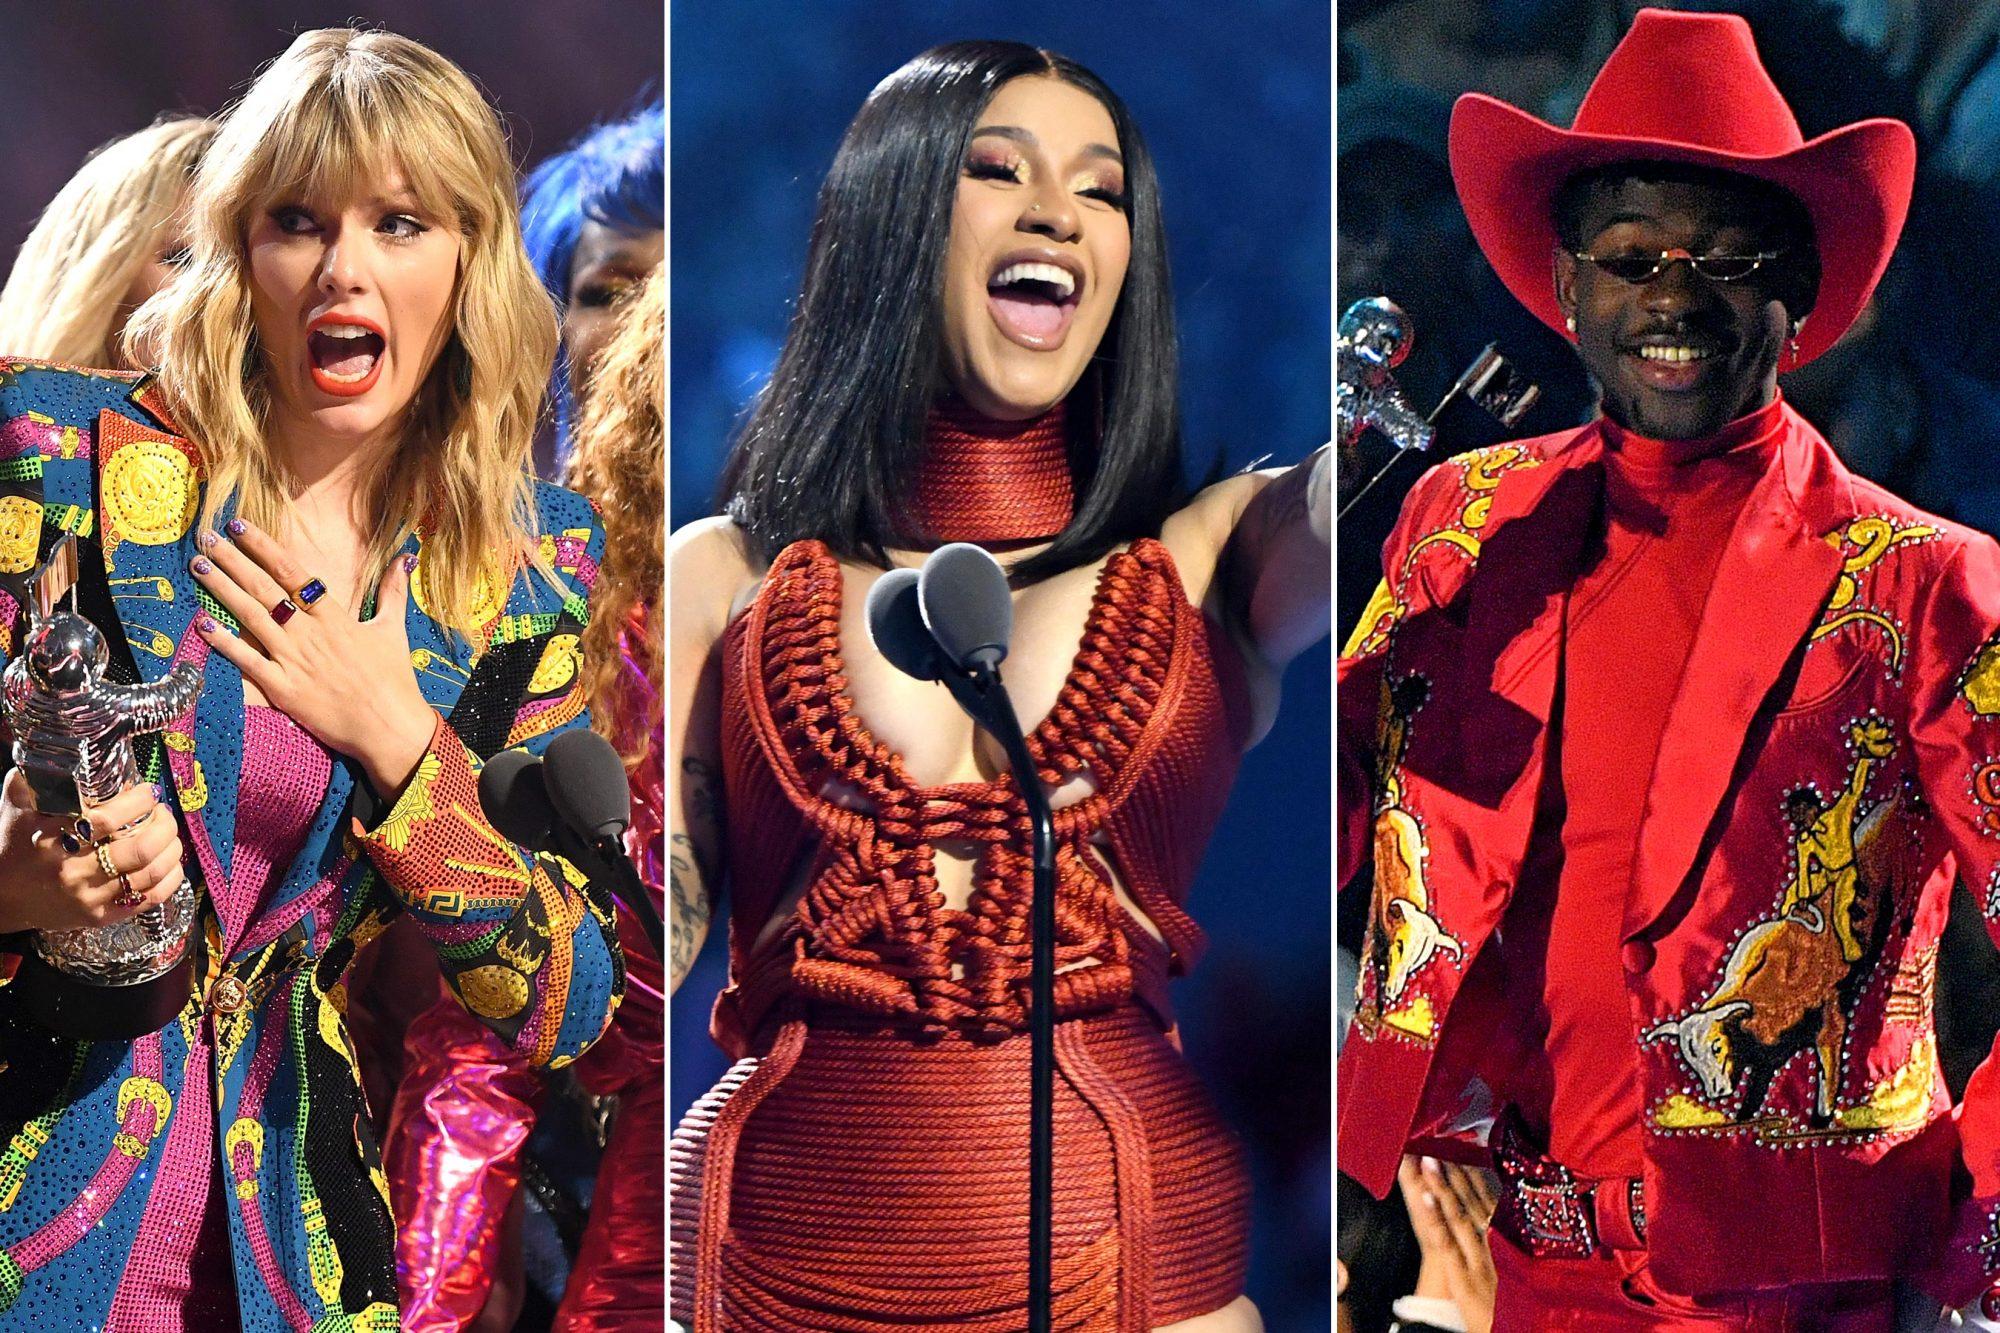 VMA Winners Taylor Swift, Cardi B, Lil Nas X